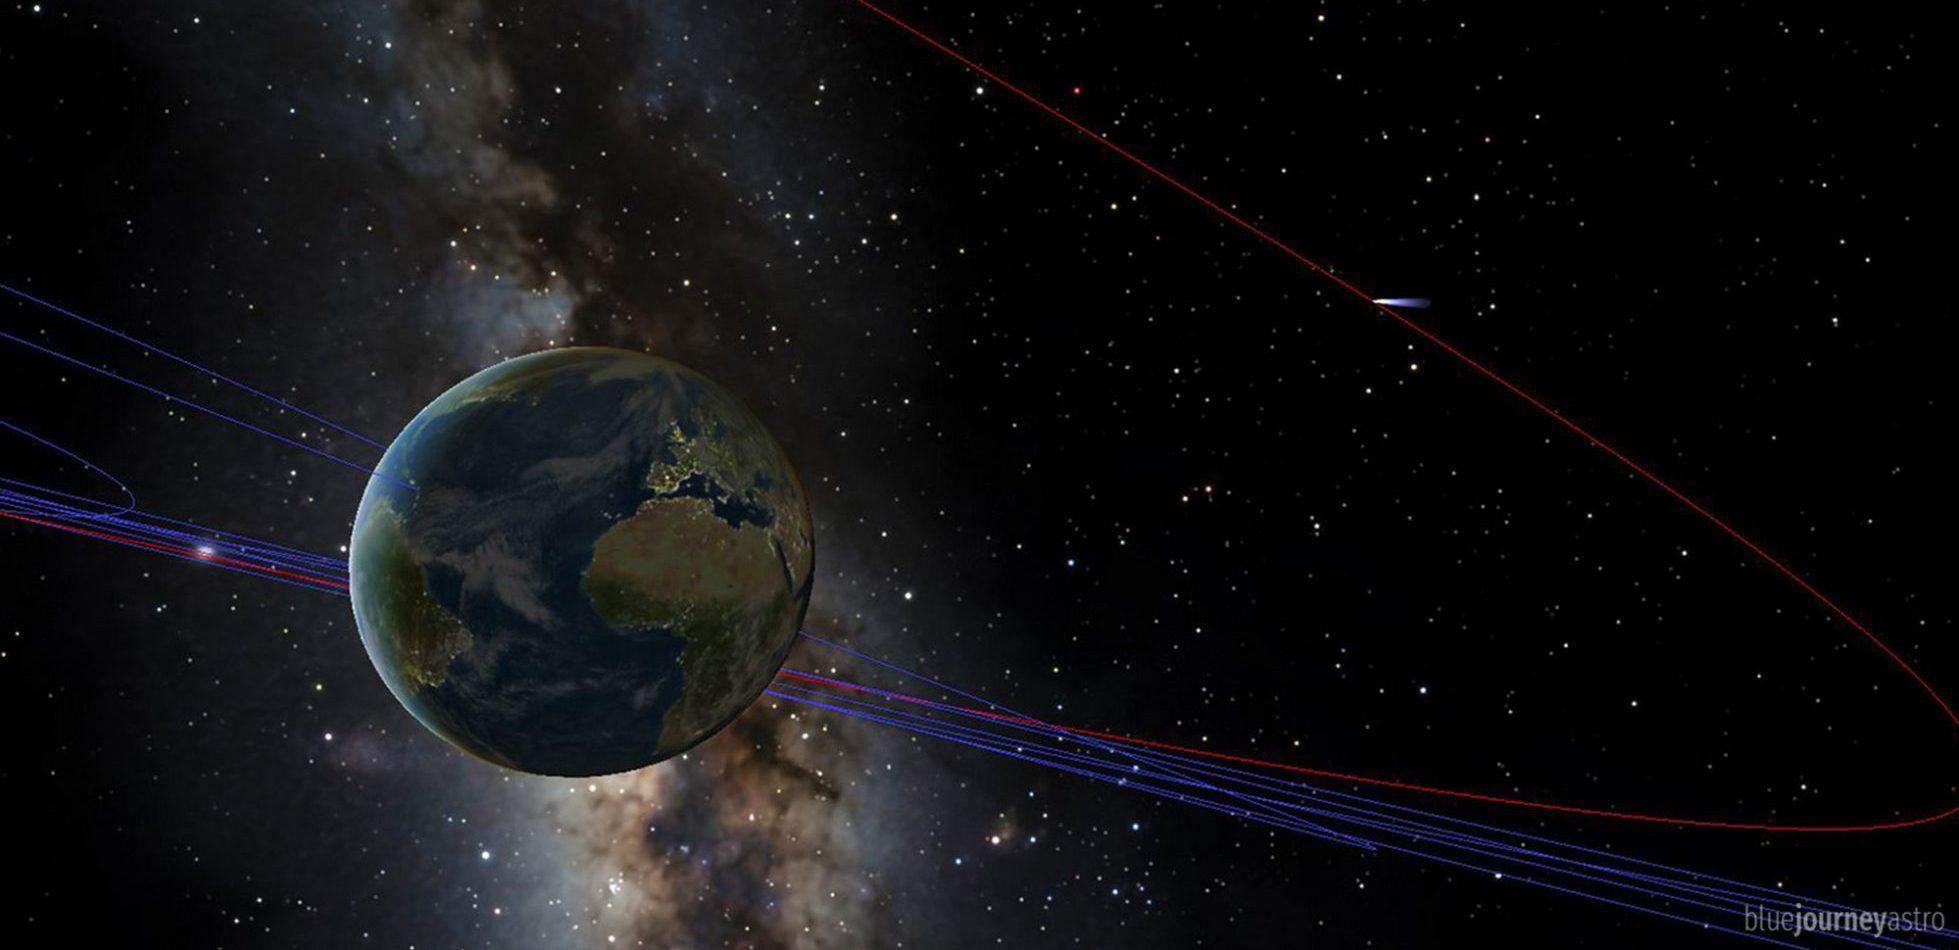 45p comet near earth